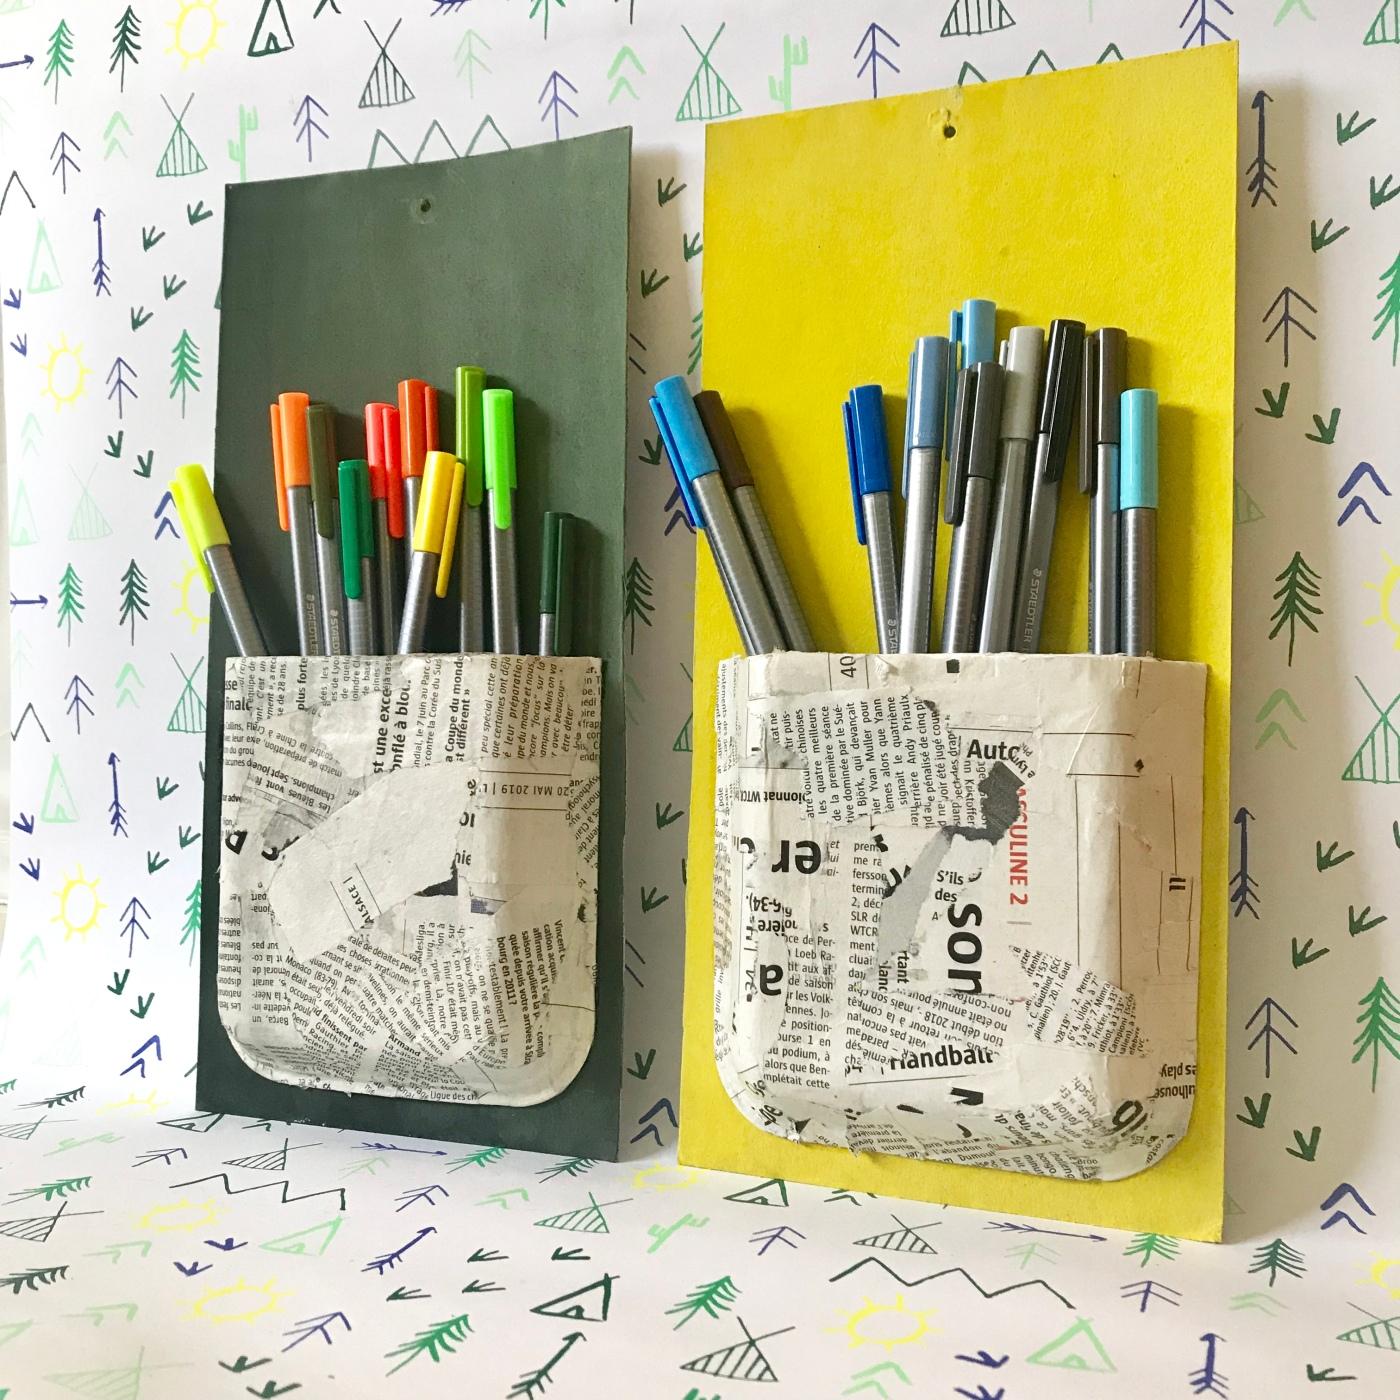 Recycler pour mieux ranger - bricolage enfant - DIY - craft for kids - rangement - recyclage - barquette en polystyrène - vernis colle - peinture - Image à la une